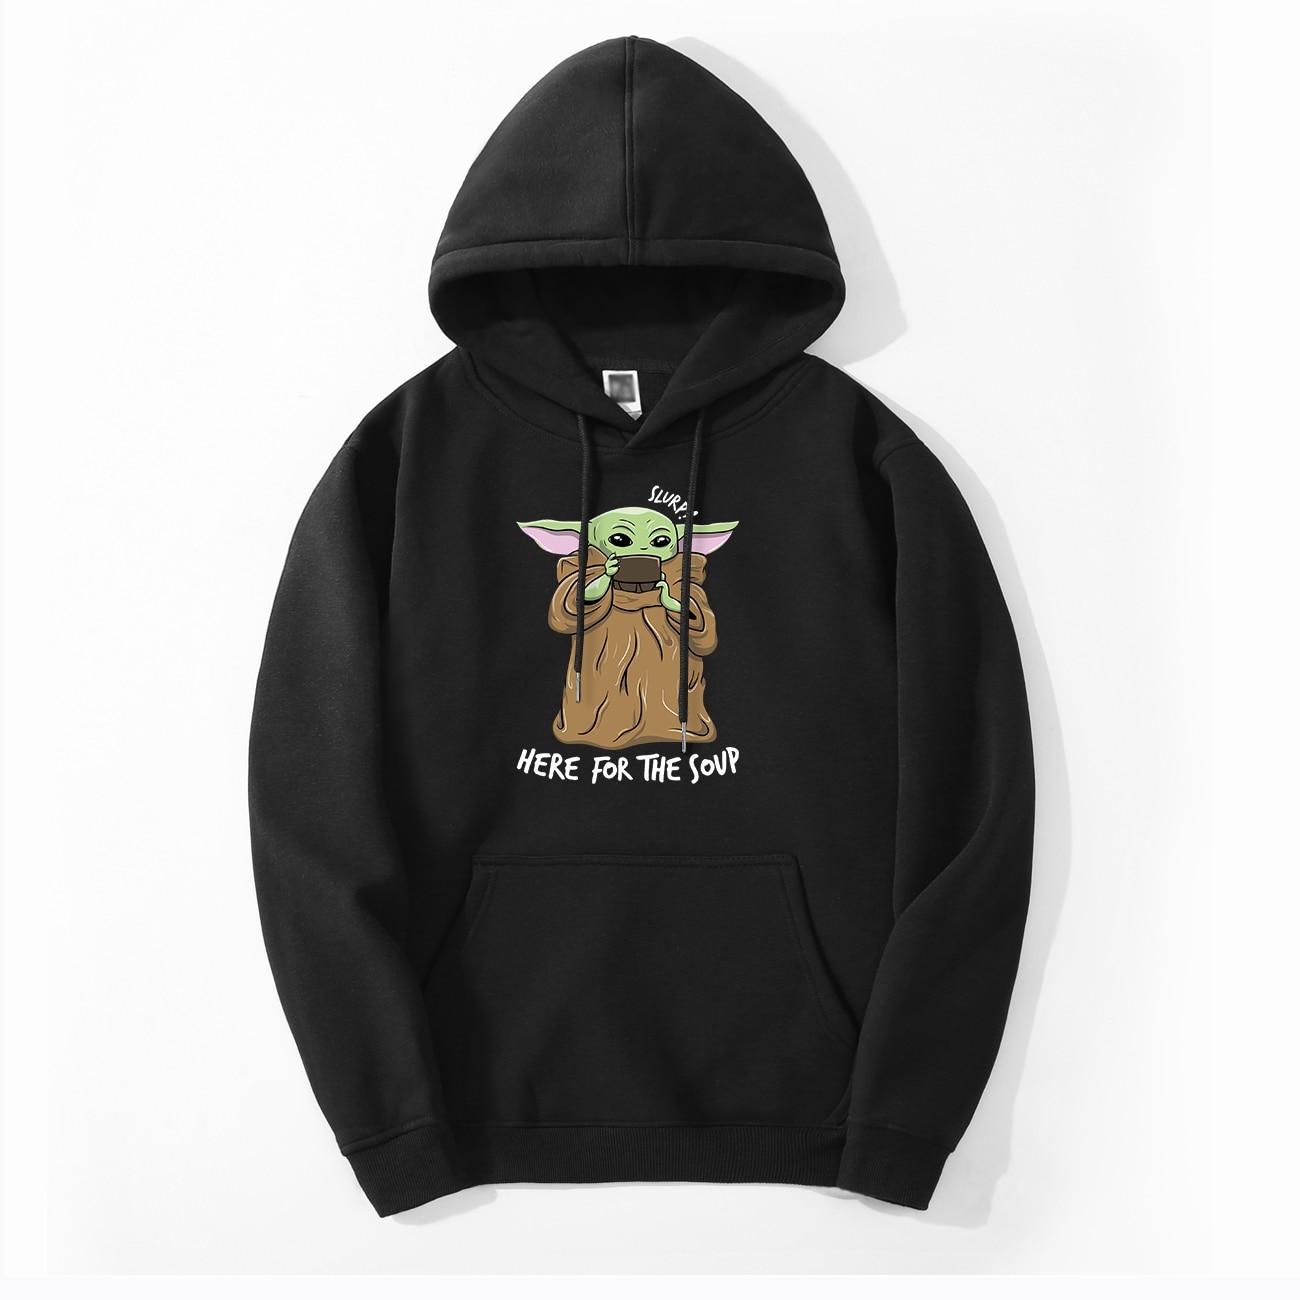 Cute Baby Yoda Hoodie Sweatshirts Fleece The Mandalorian men Hoodies Autumn Winter Hooded Star War Streetwear Fashion Sportswear